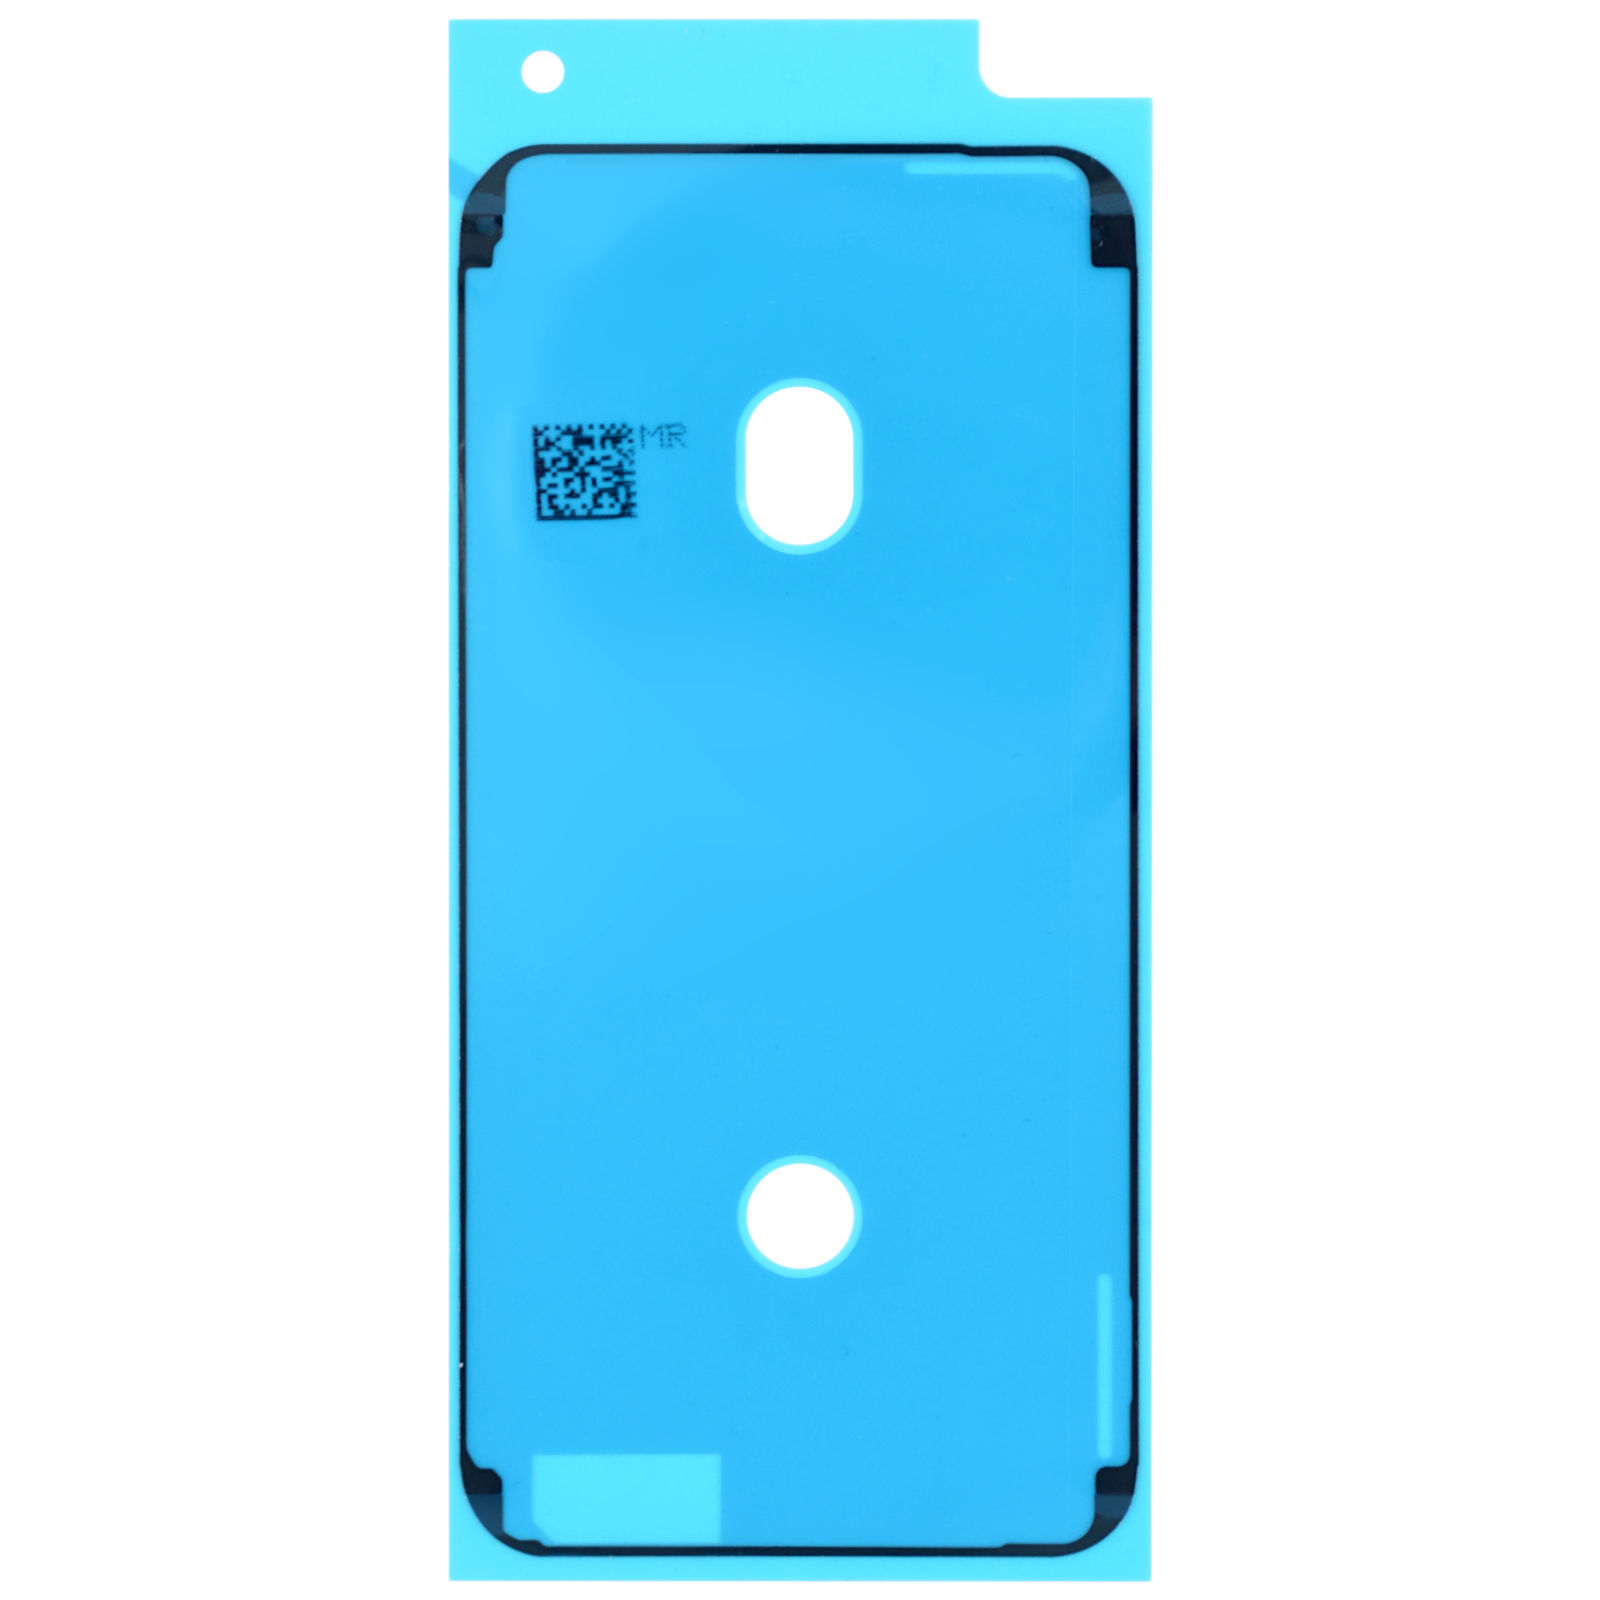 Iphone 6s neu ab 200